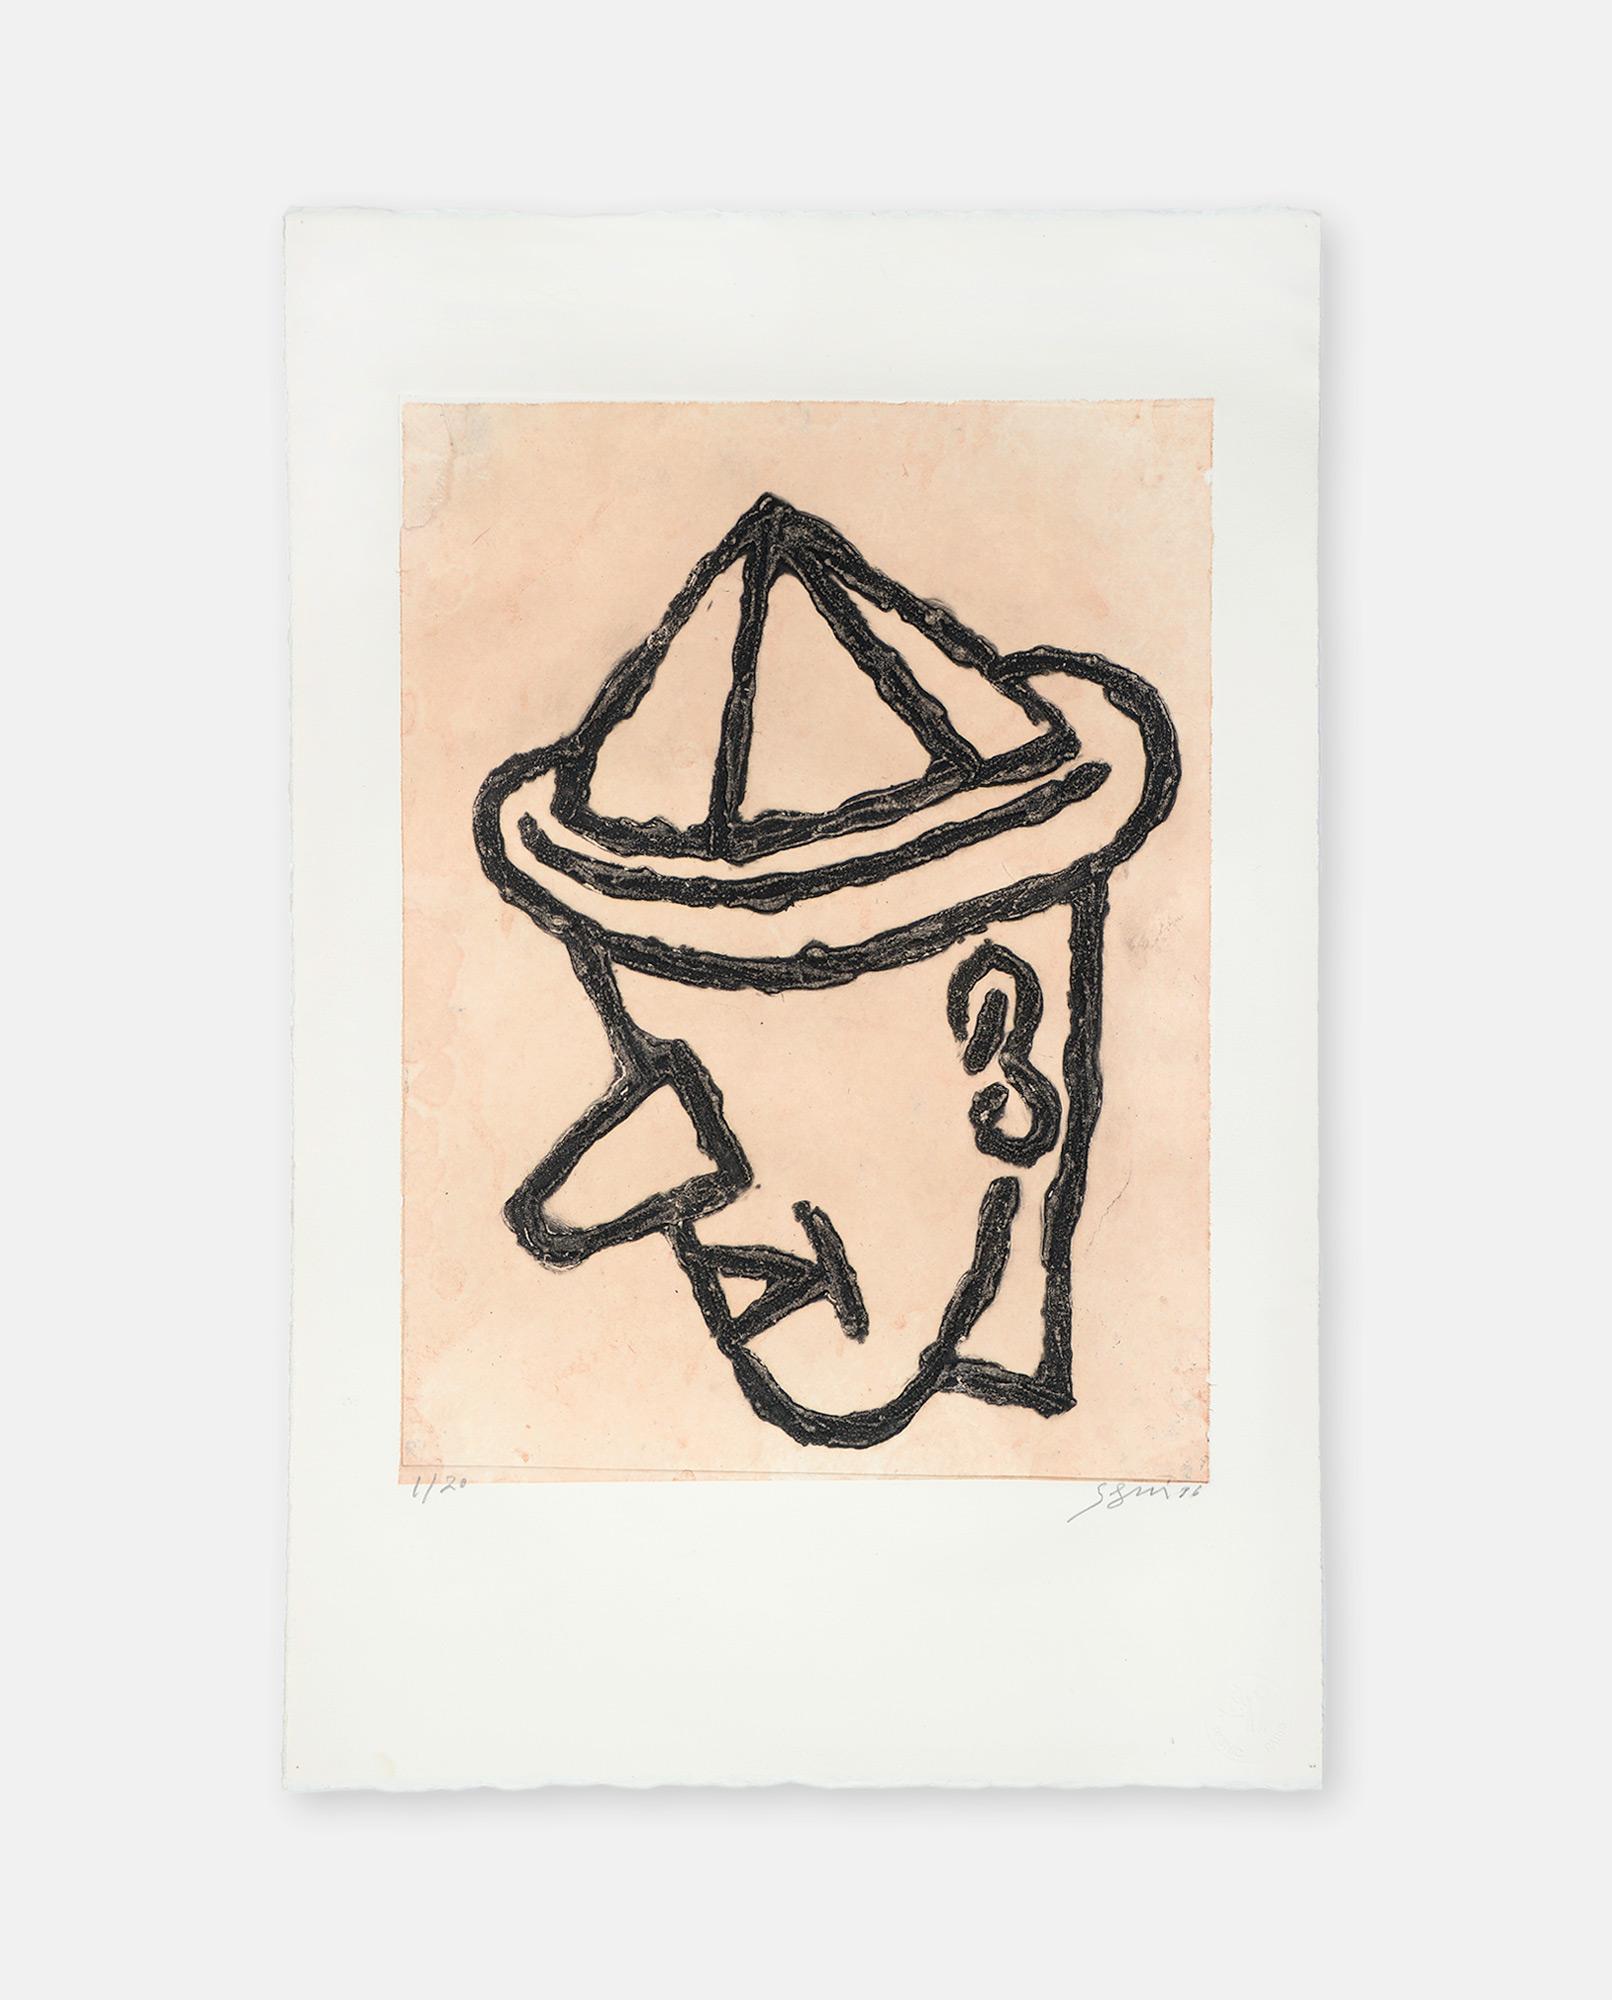 Neess encadrement atelier restauration dorure galerie chatelain bruxelles shop gravure artiste antonio segui